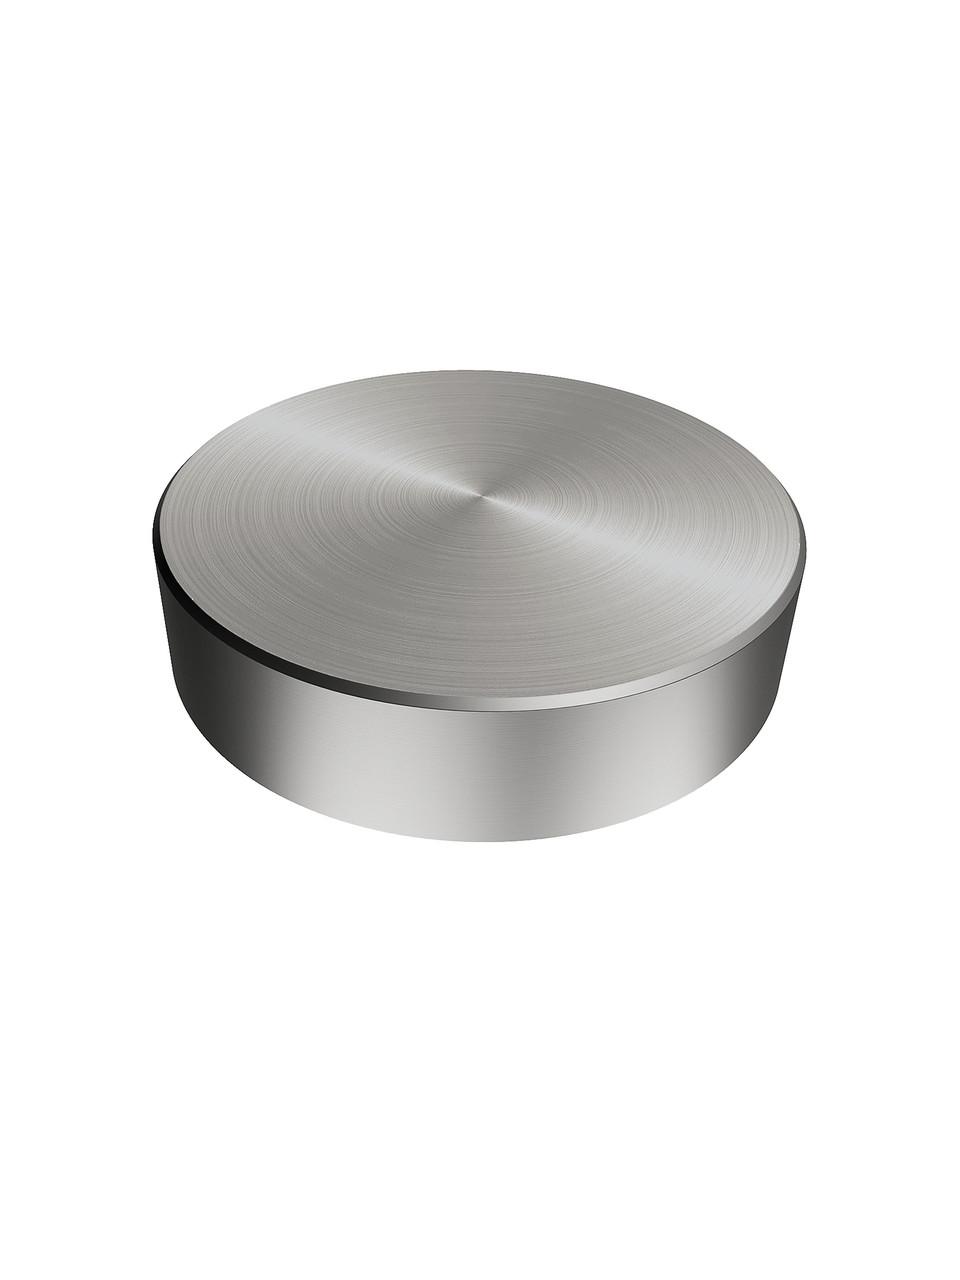 ODF-06-11-01 Коннектор круглый d40 М10, для крепления стекла, дистанционный стеклодержатель, сатин